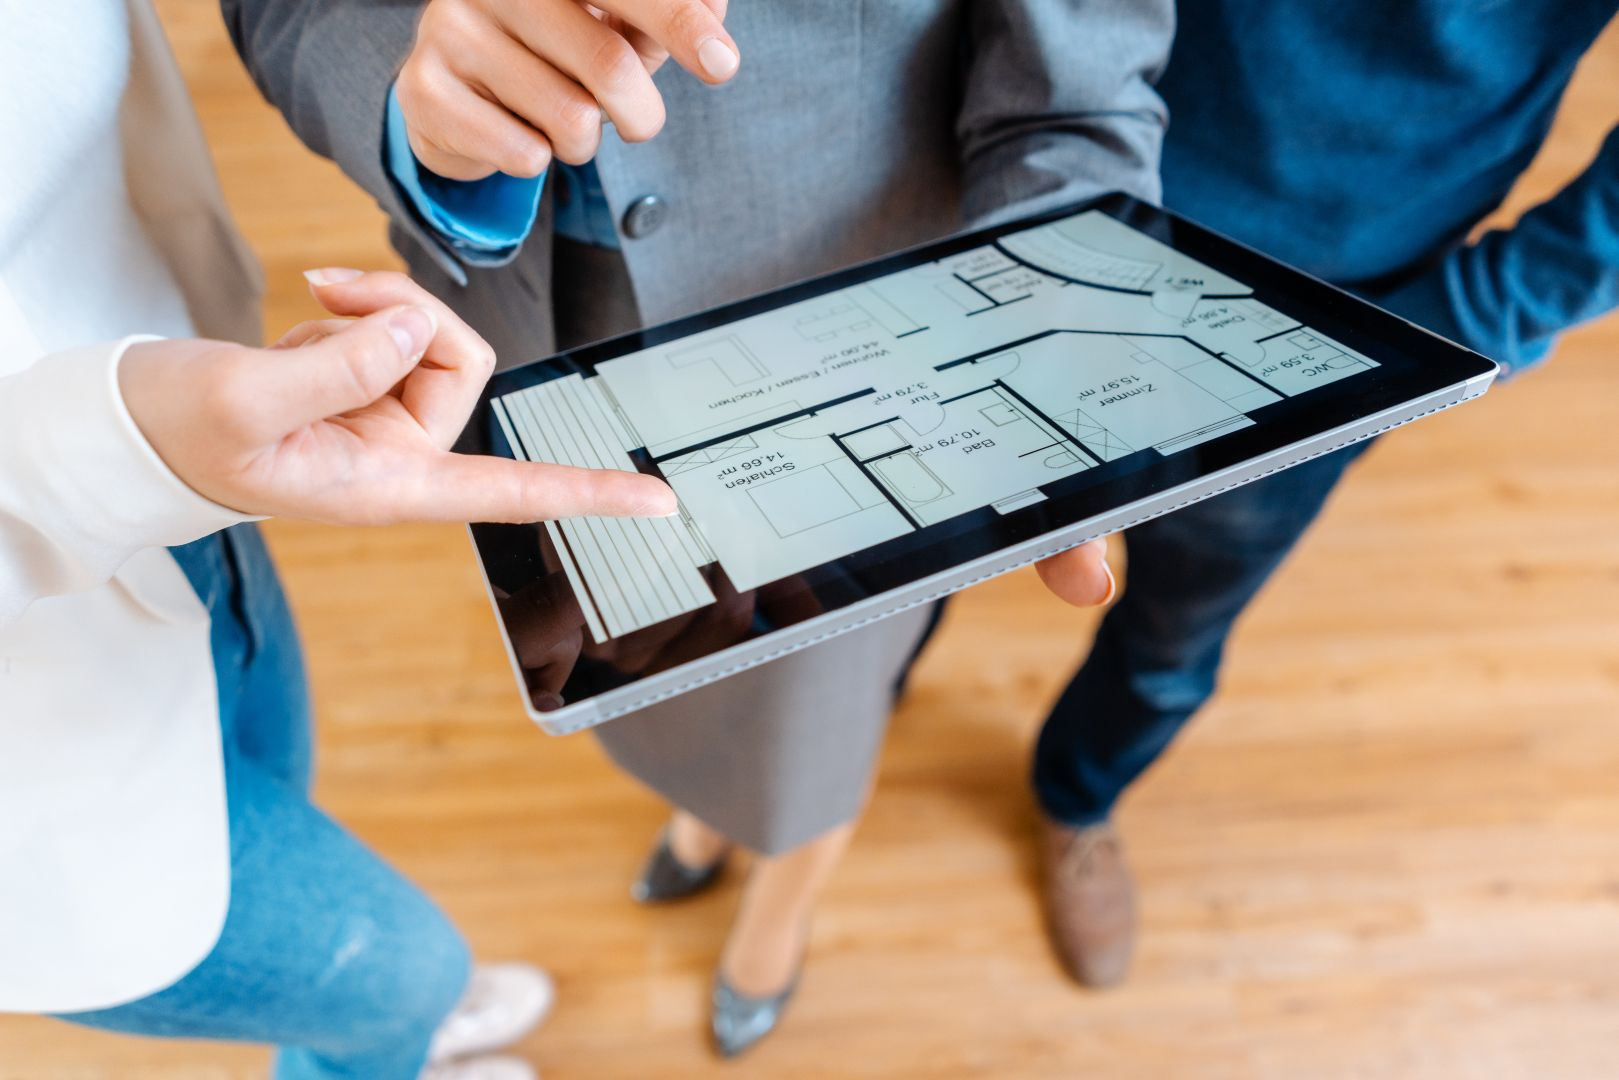 Quel avenir pour le métier d'agent immobilier en France ? La digitalisation du secteur, une opportunité à saisir !